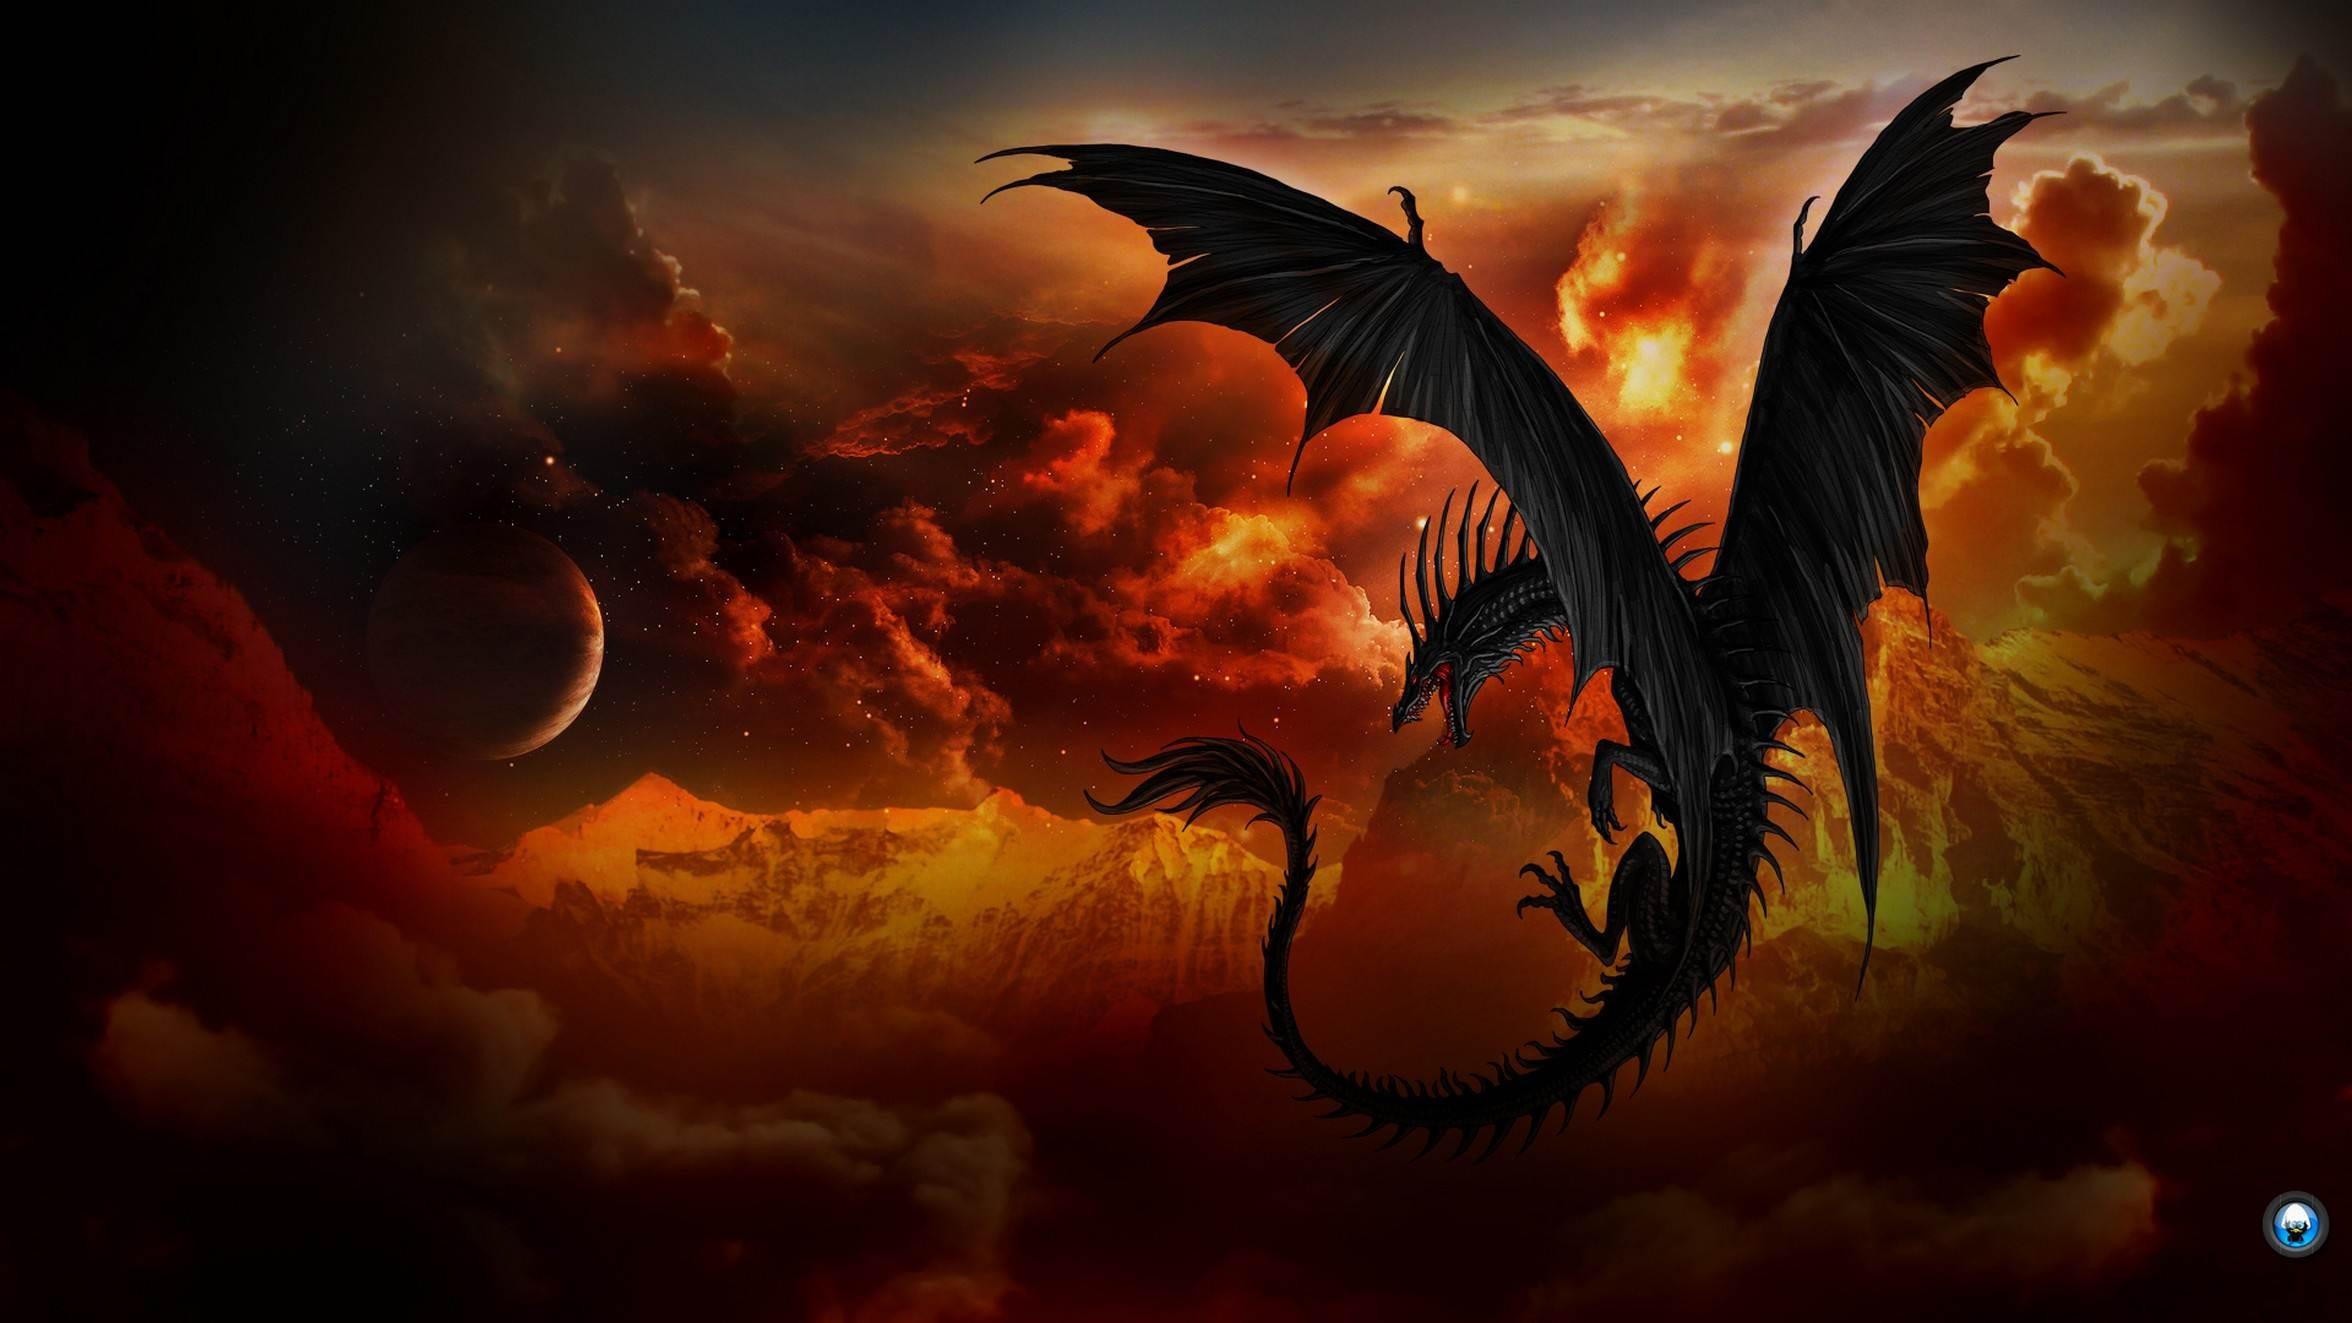 драконы в картинках обои рабочего стола постройке